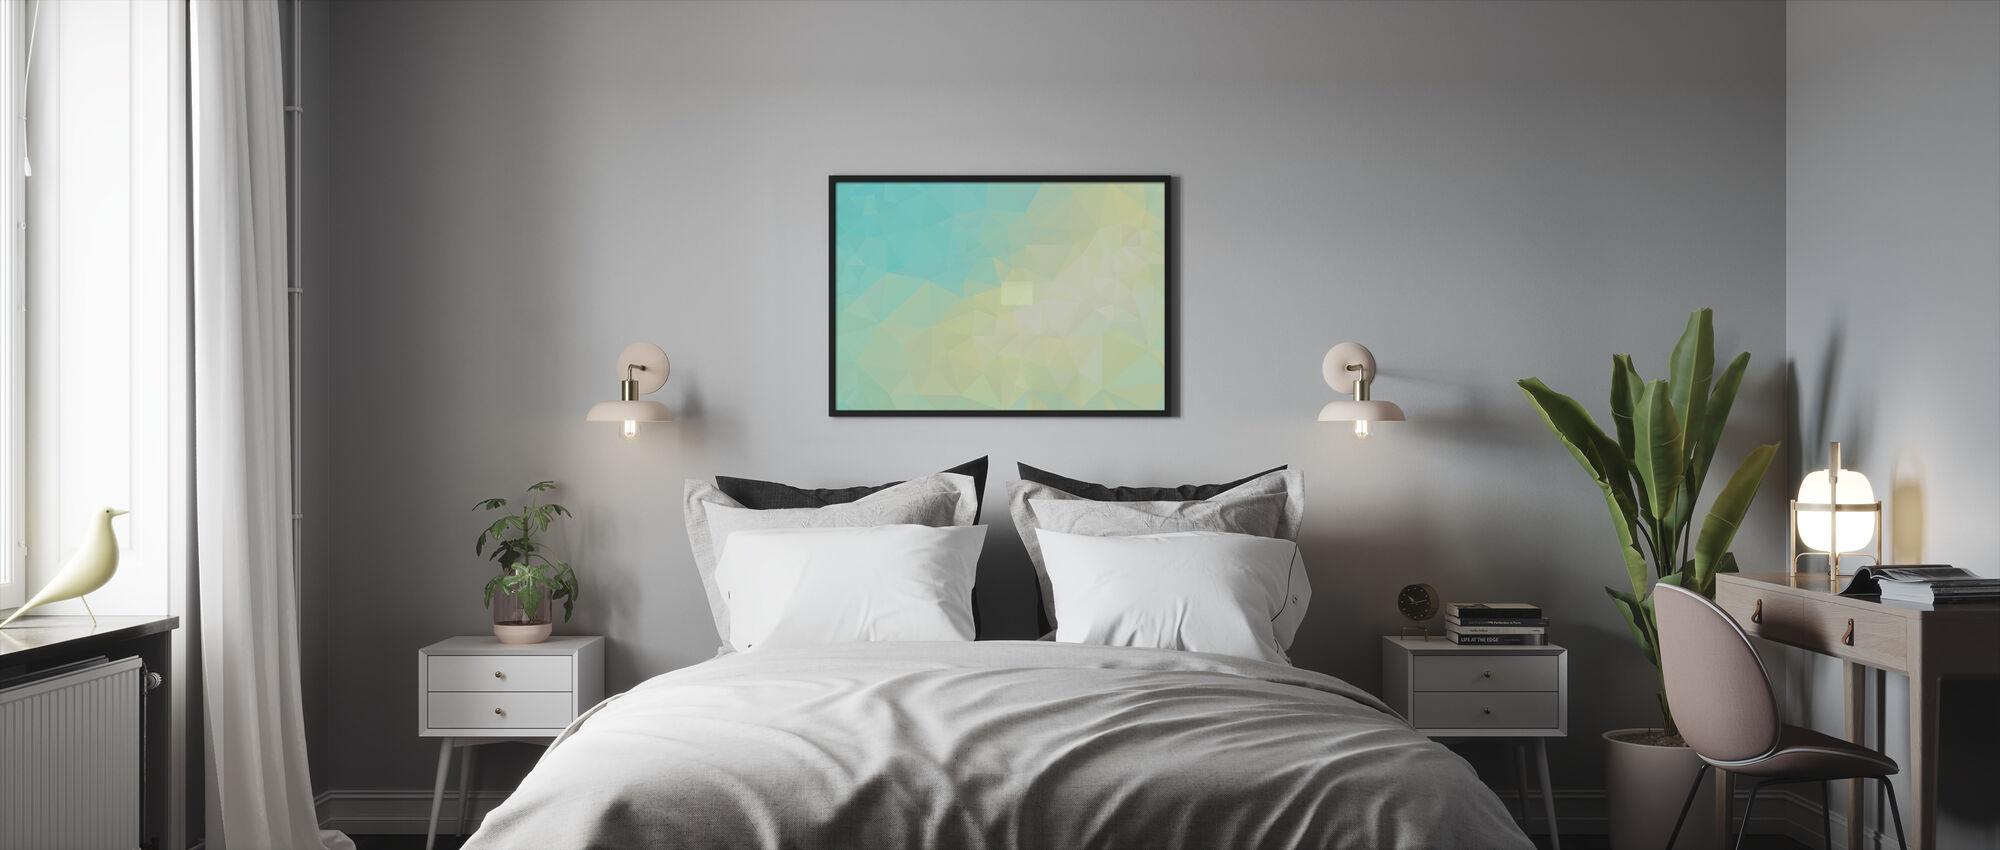 Geometrisk solsken - Inramad tavla - Sovrum